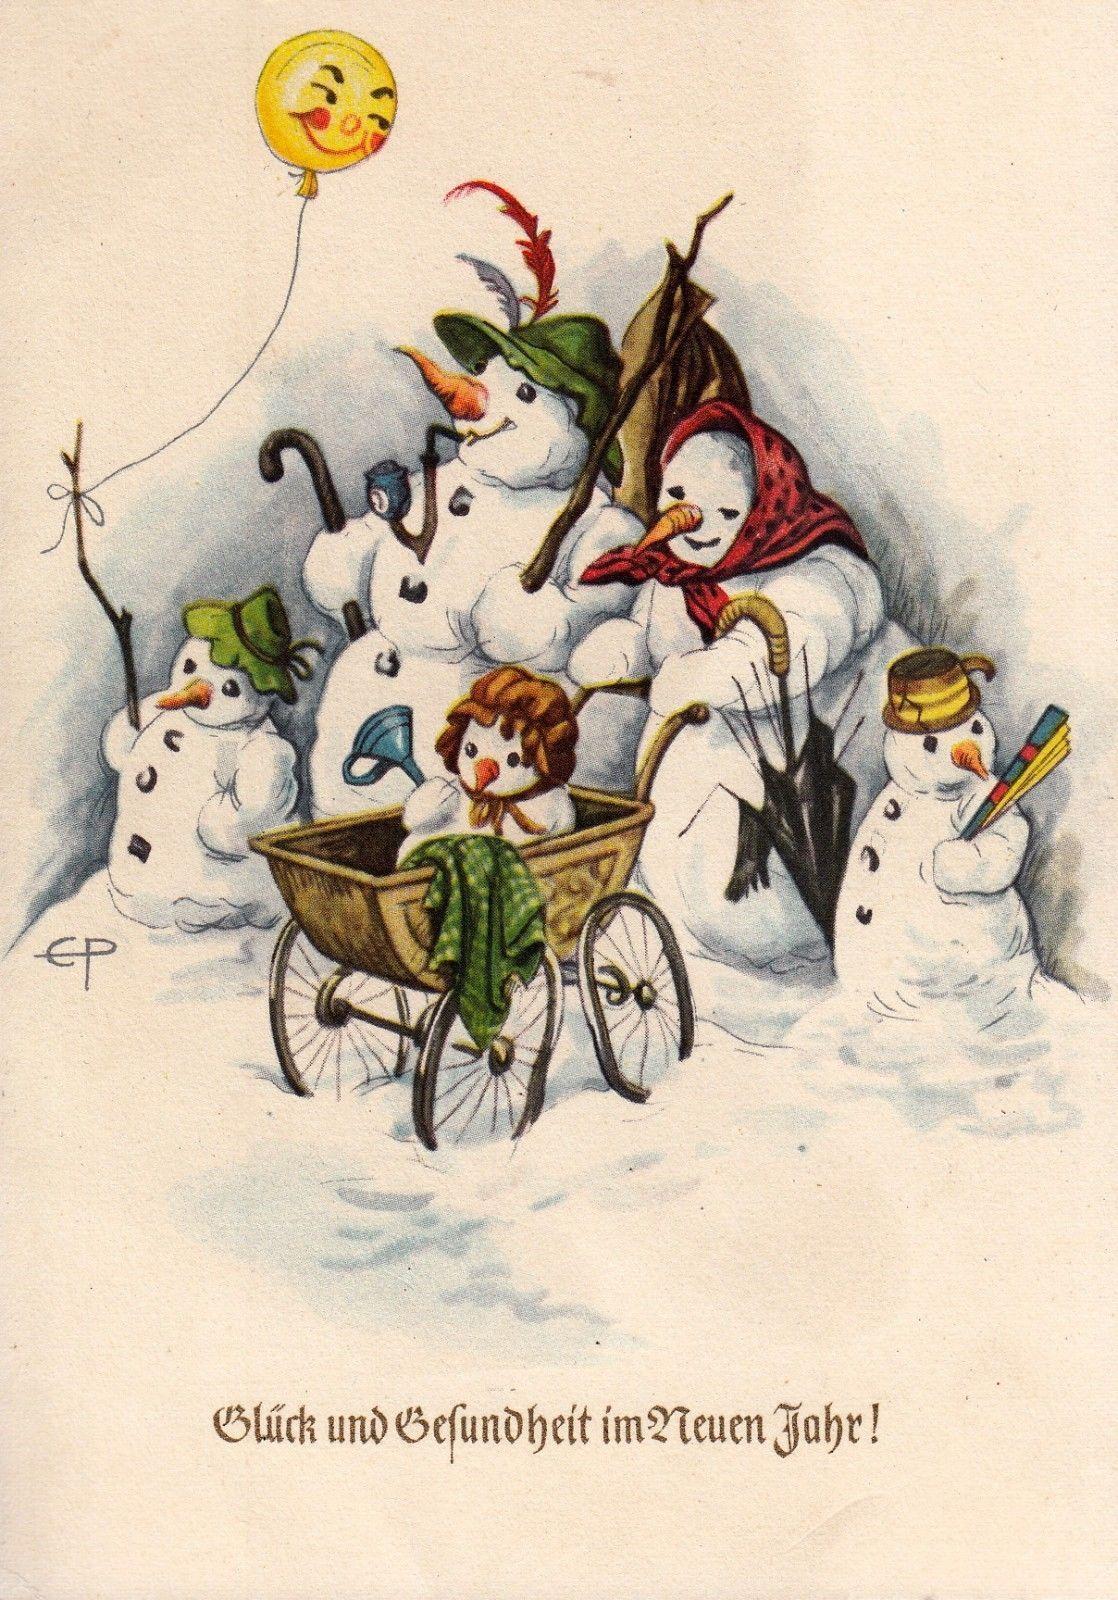 Nostalgische Adventskalender Karte God Jul Wichtel mit Schlitten im Schnee